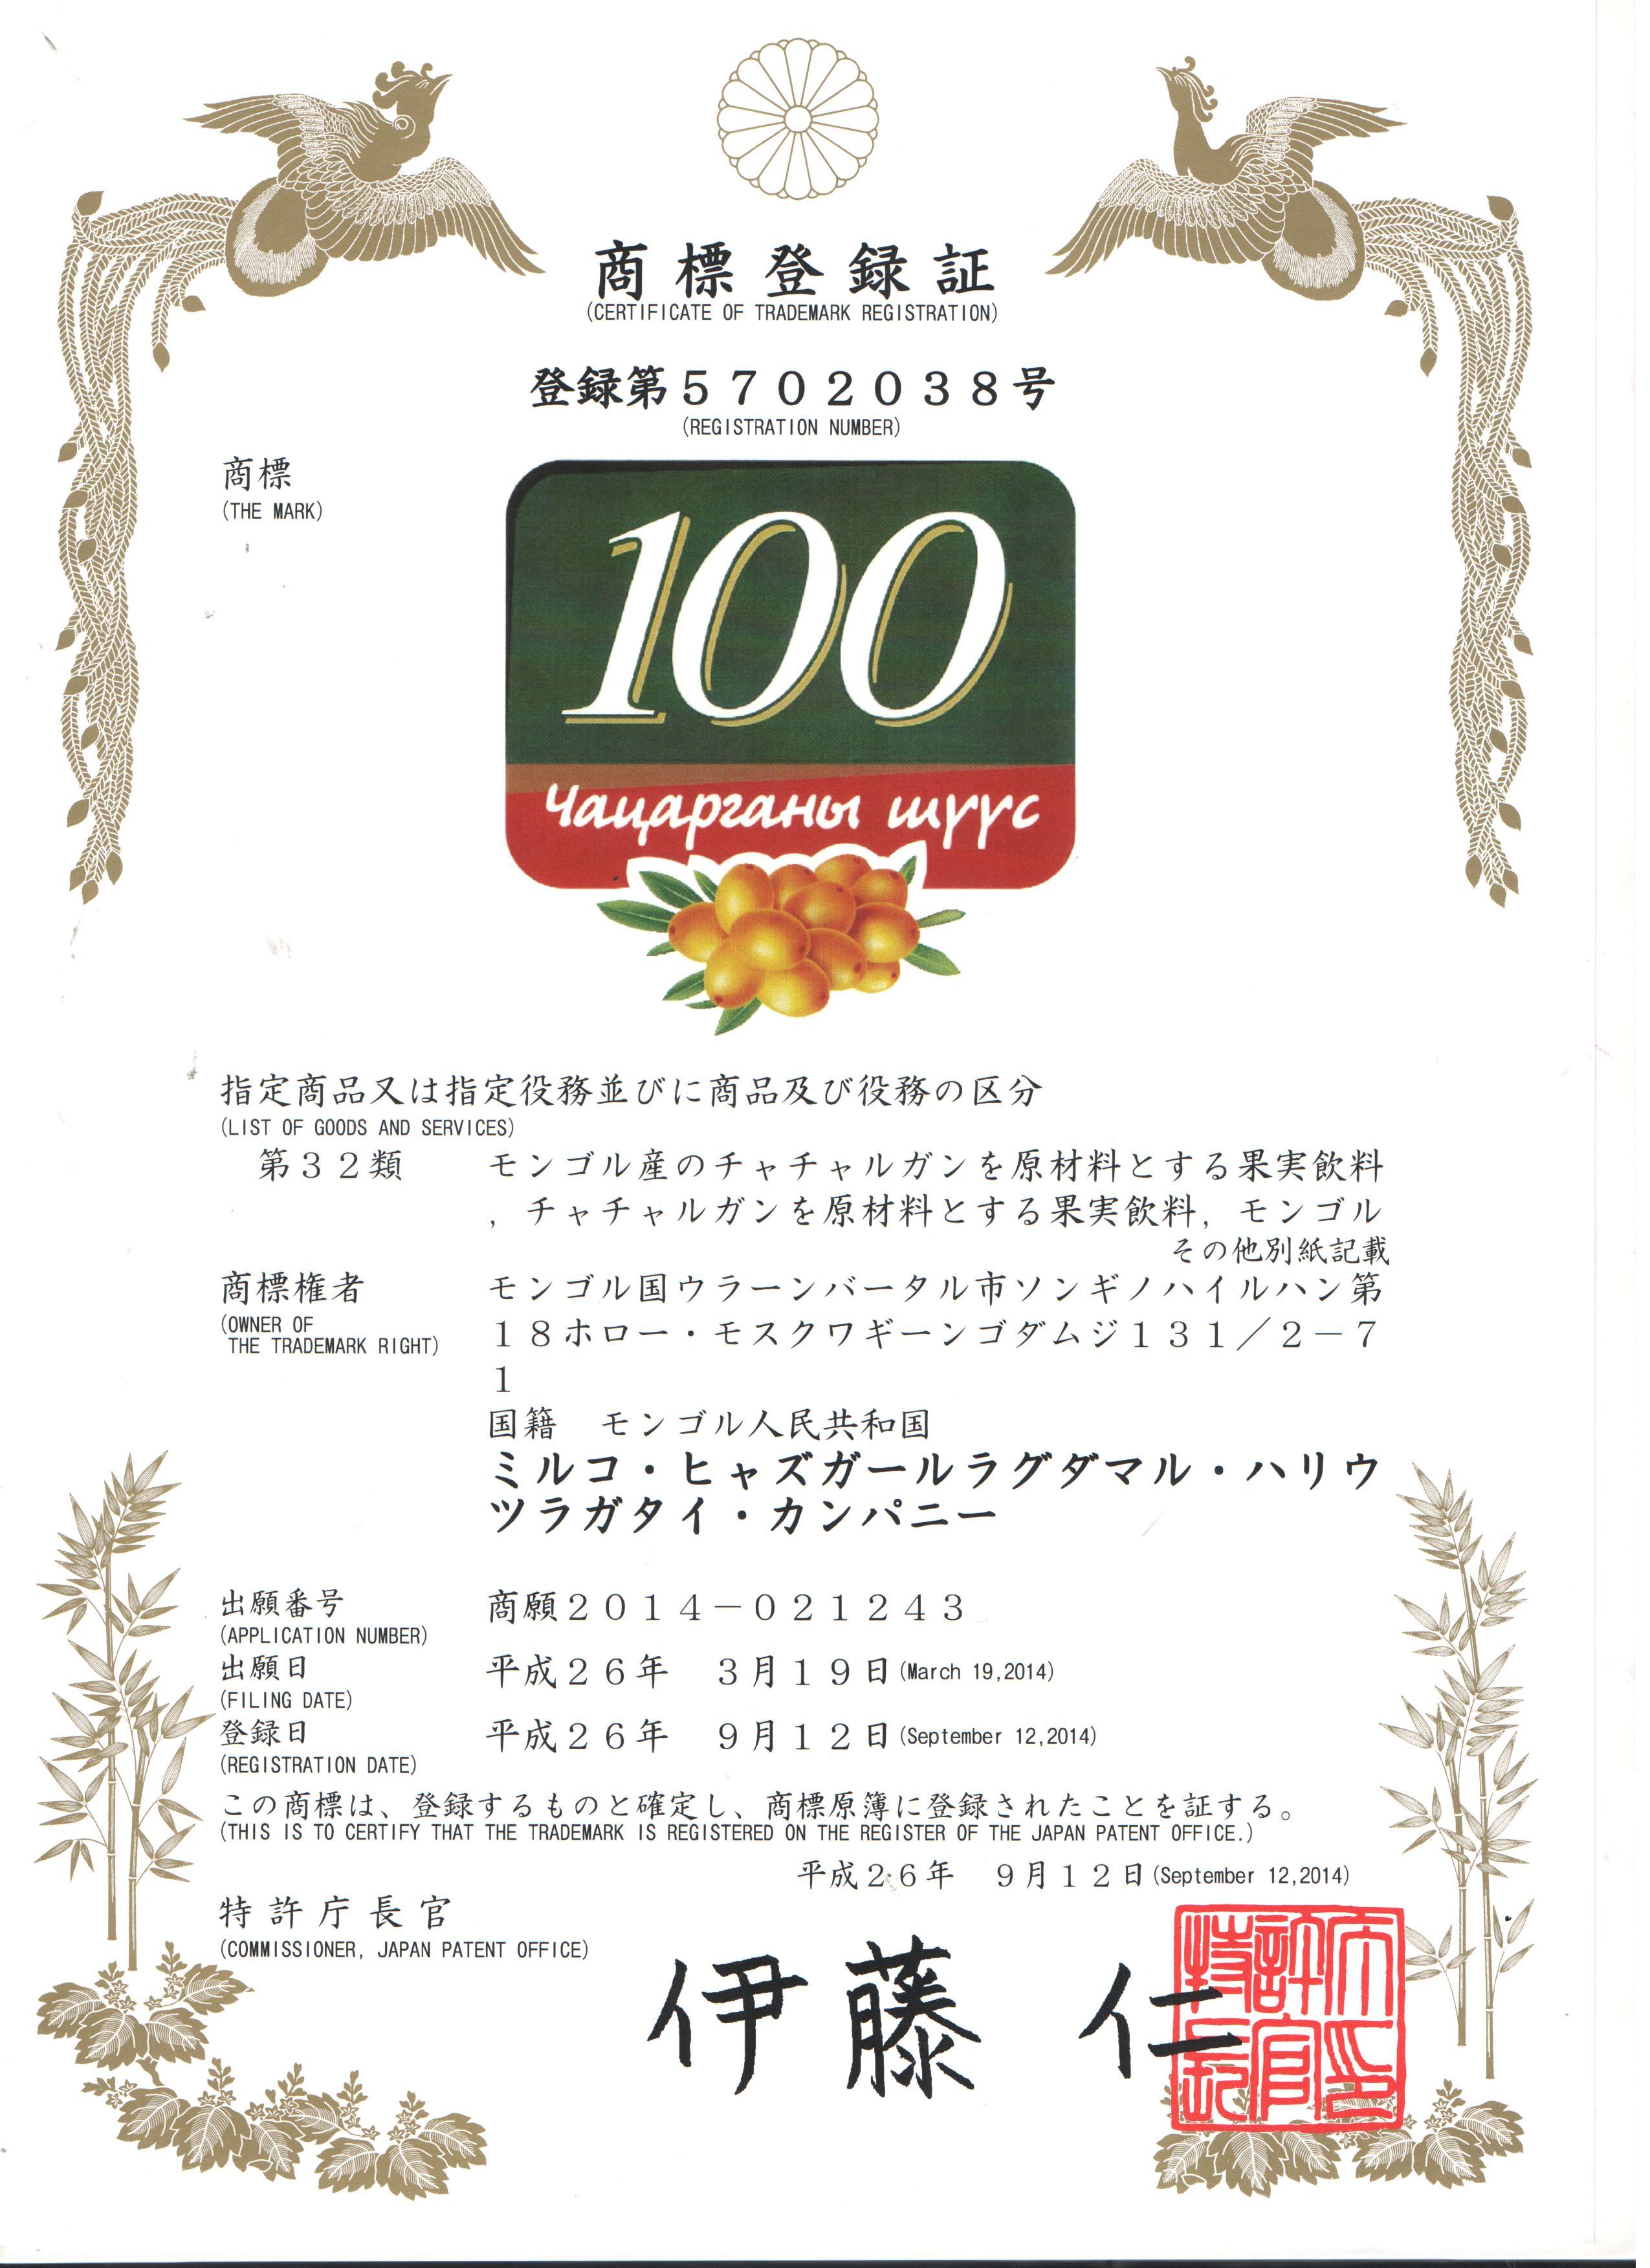 Зэрлэг жимсний 100 ундаа болон Лапша гоймонгийн лого дэлхийд танигдах ойрхон байна!